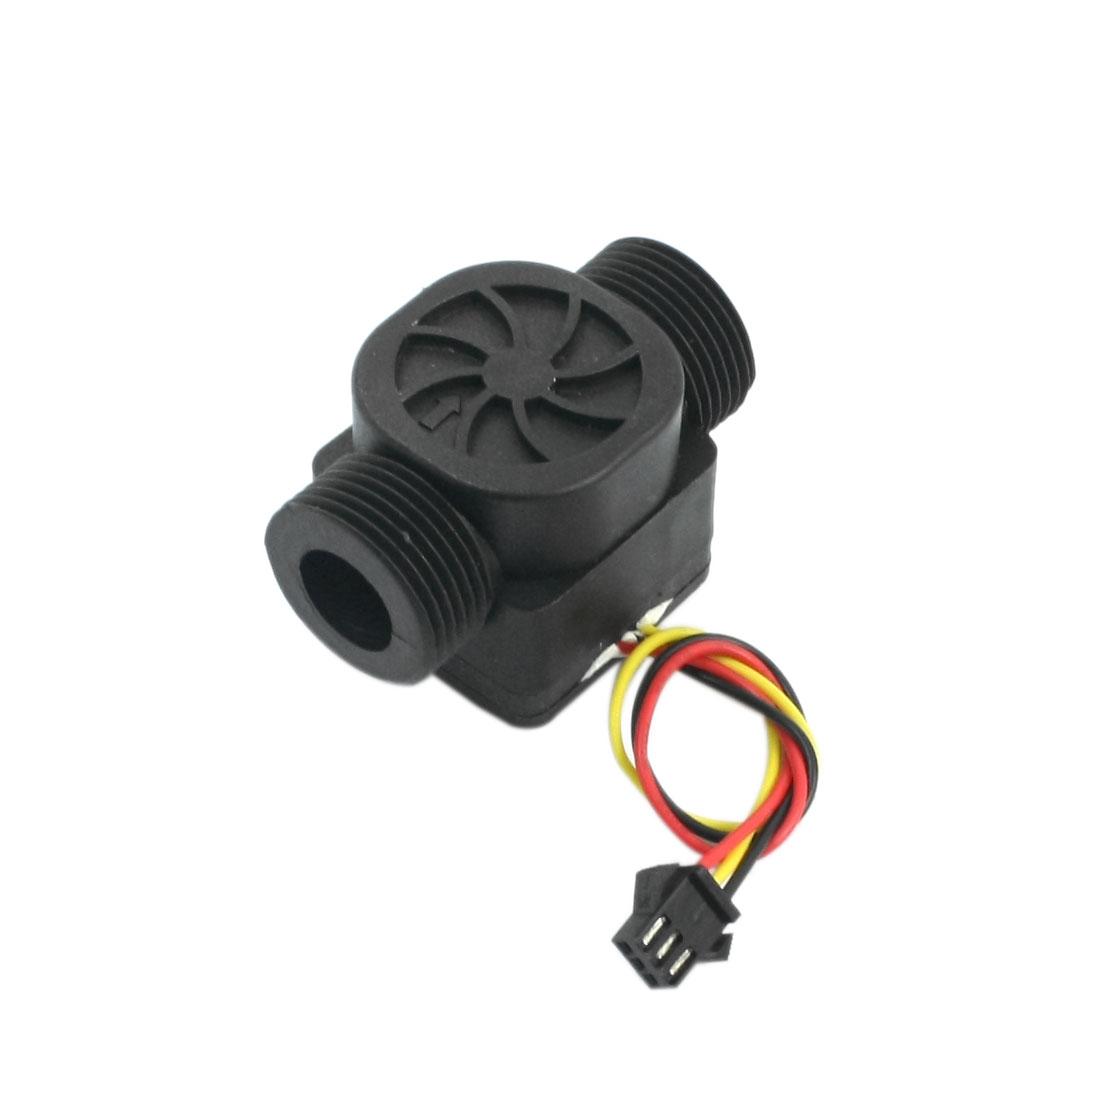 SEN-HZ43WA 1-60L/min G3/4 Male Thread Hall Flow Sensor Water Control Flowmeter